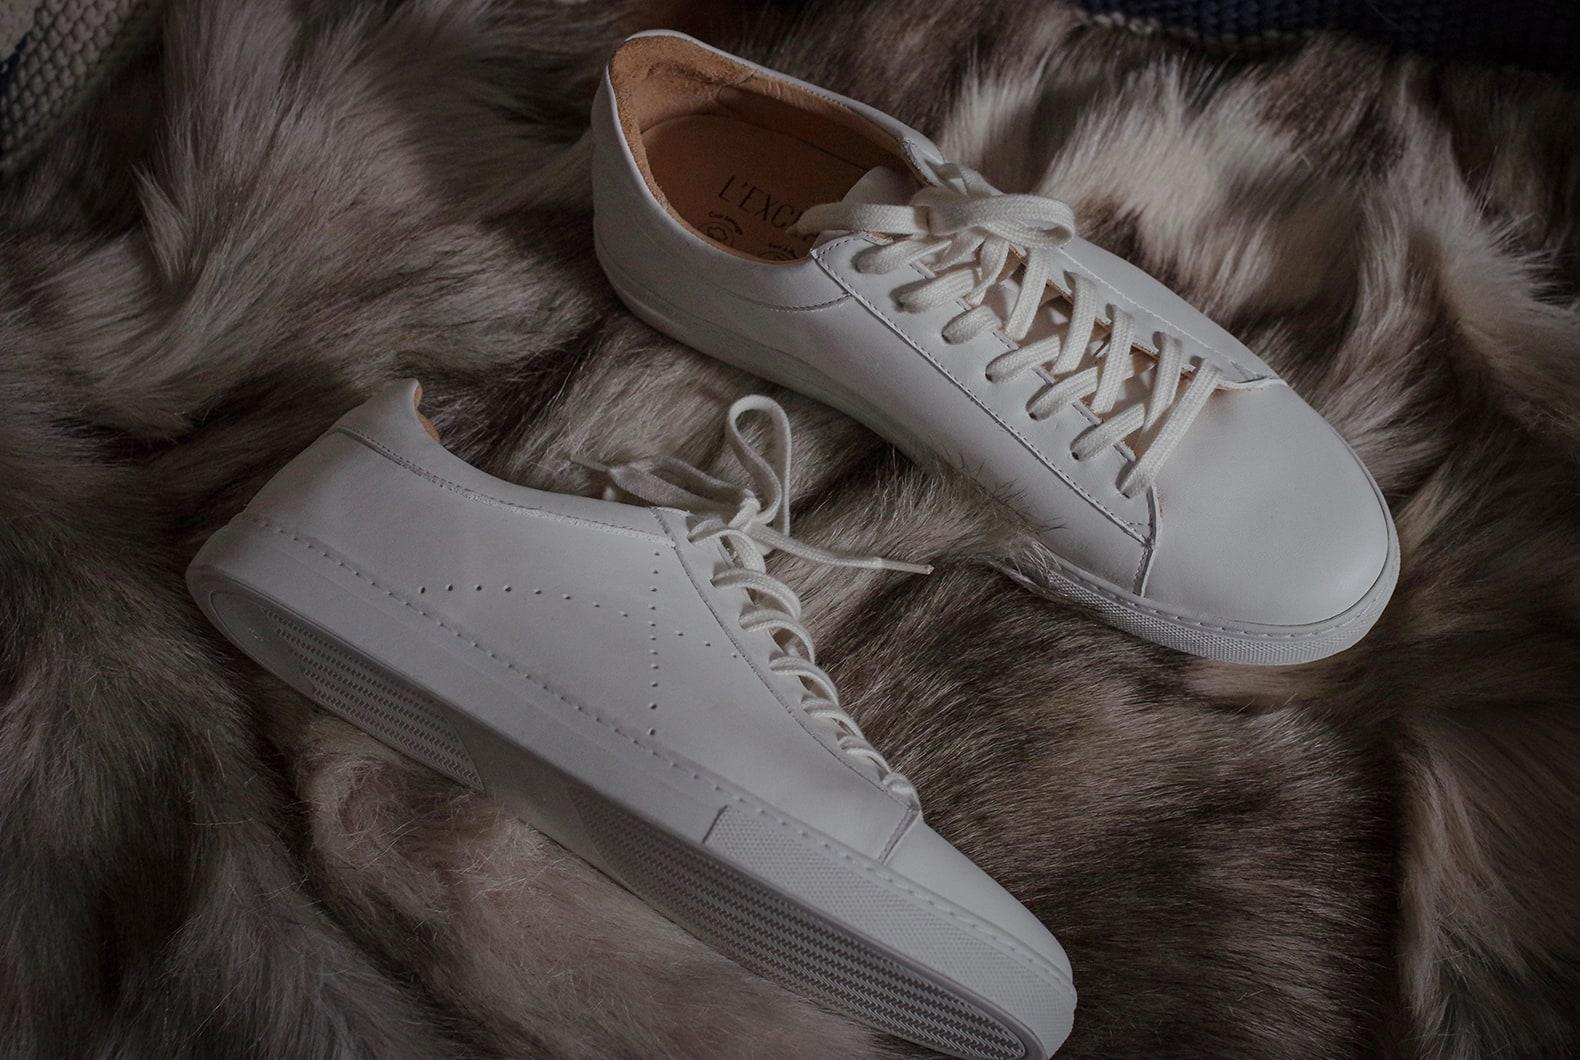 l-exception-sneakers-blanche-ethique-minimaliste en cuir homme - 23